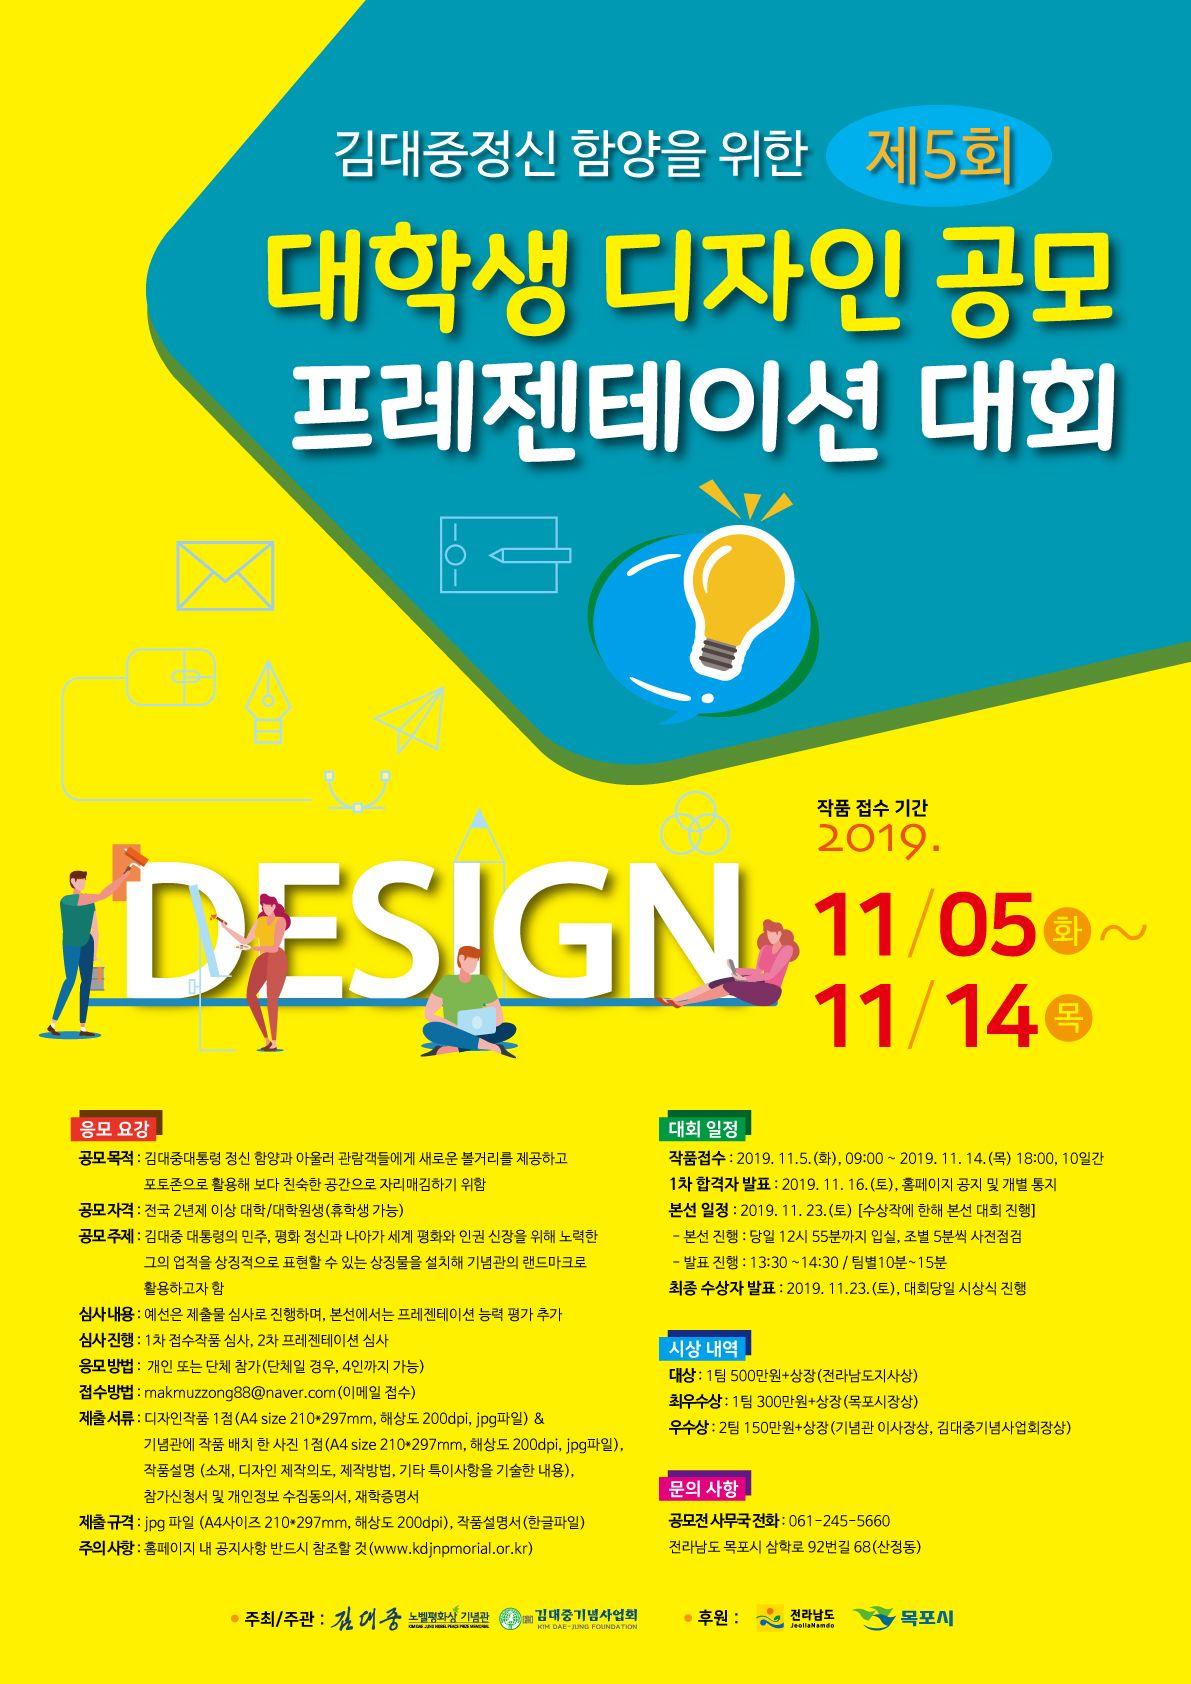 김대중노벨평화상기념관 대학생 디자인 공모 & 프레젠테이션 대회